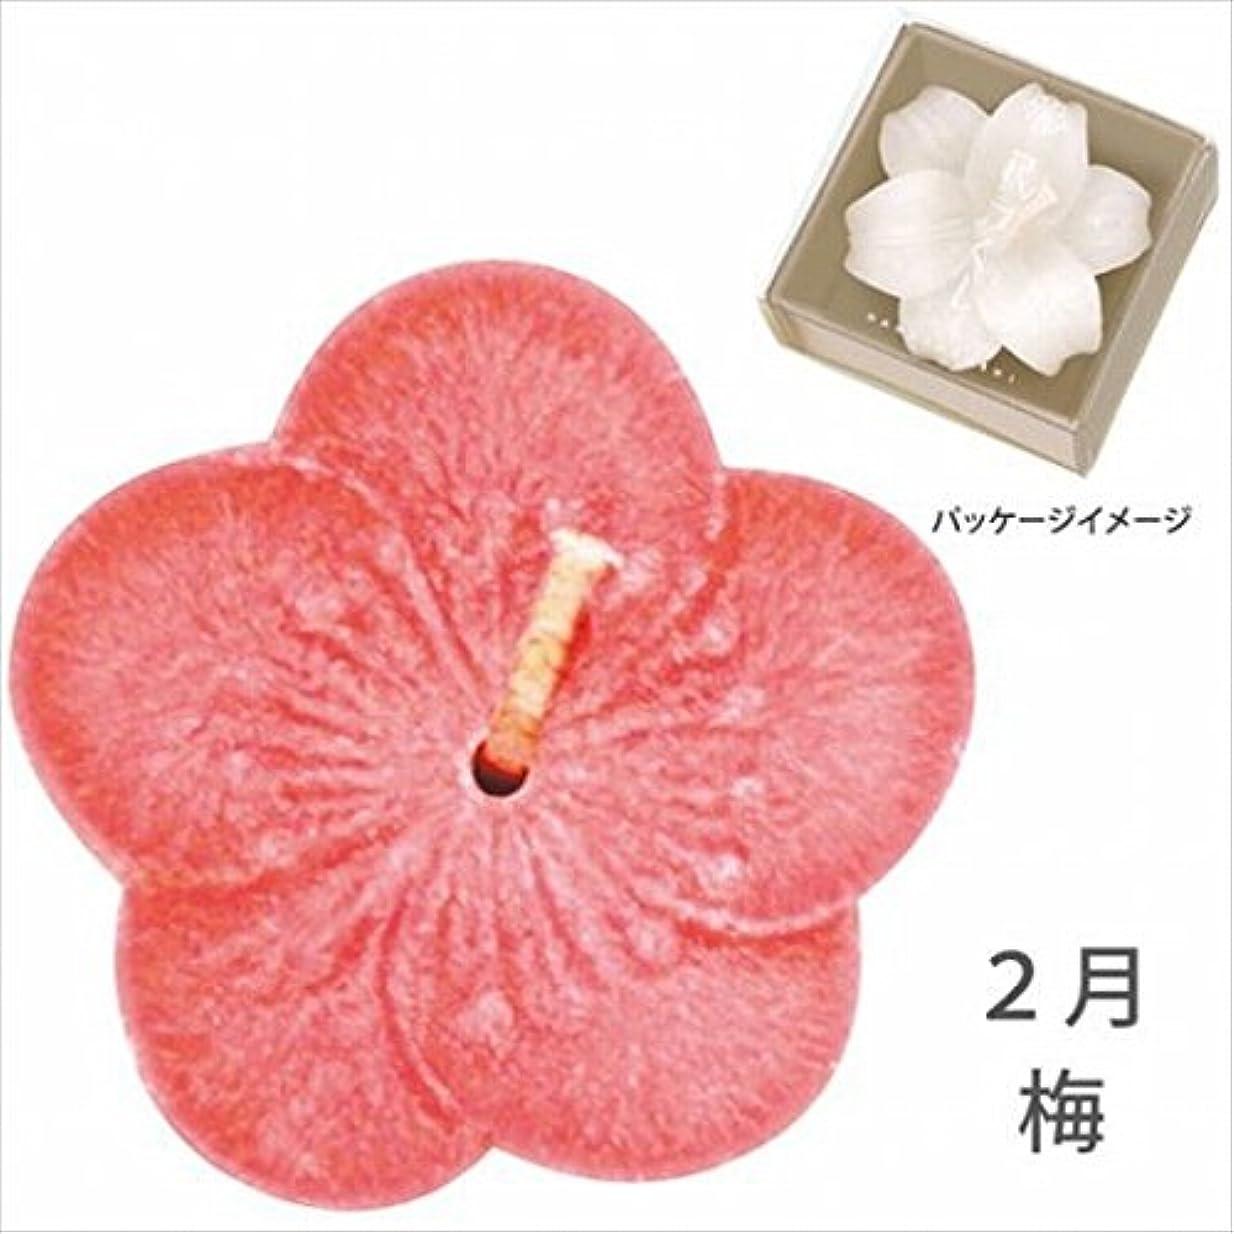 トランジスタロボット人事カメヤマキャンドル( kameyama candle ) 花づくし(植物性) 梅 「 梅(2月) 」 キャンドル